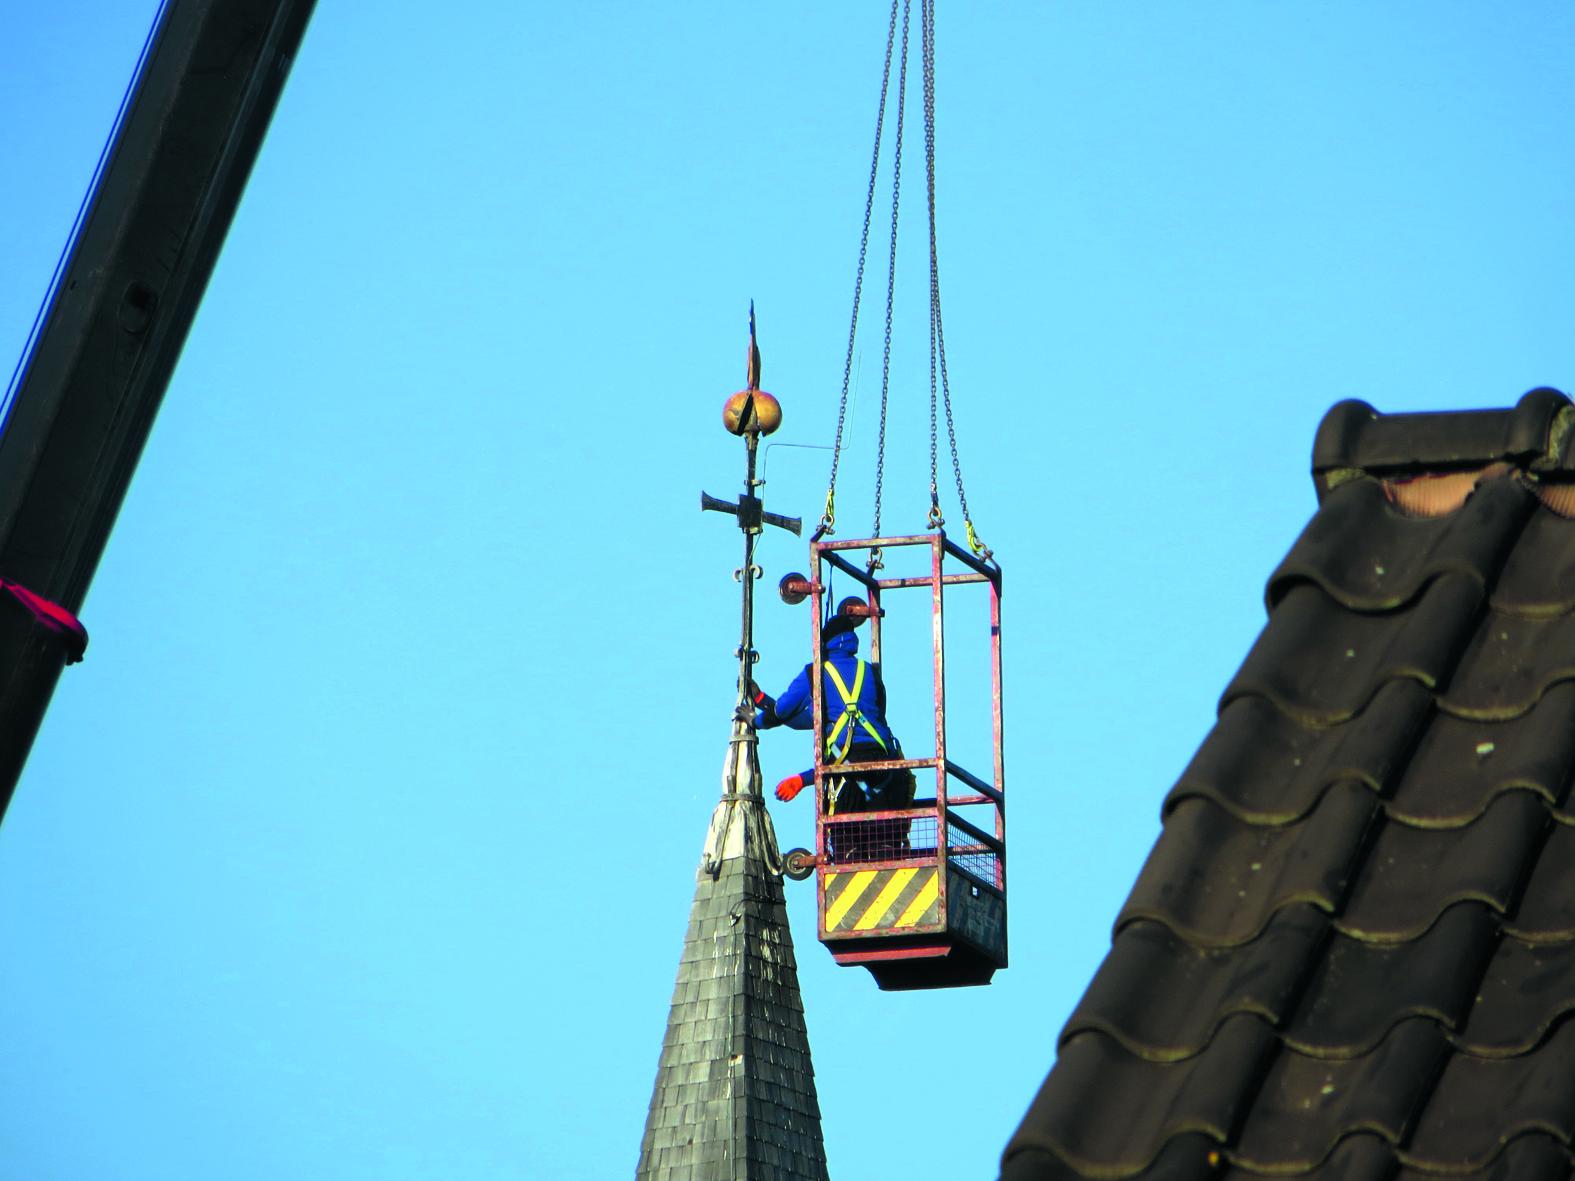 EGMOND AAN DE HOEF - 'In de ochtend van 13 december is de windwijzer van de kerktoren in Egmond aan den Hoef gehaald. Zo vlak voor de kerst is het vreemd dat ze een haan willen gaan serveren bij het kerstdiner. Of zal de haan weten te ontkomen? En na de kerstdagen weer stoer bovenop de spits van de